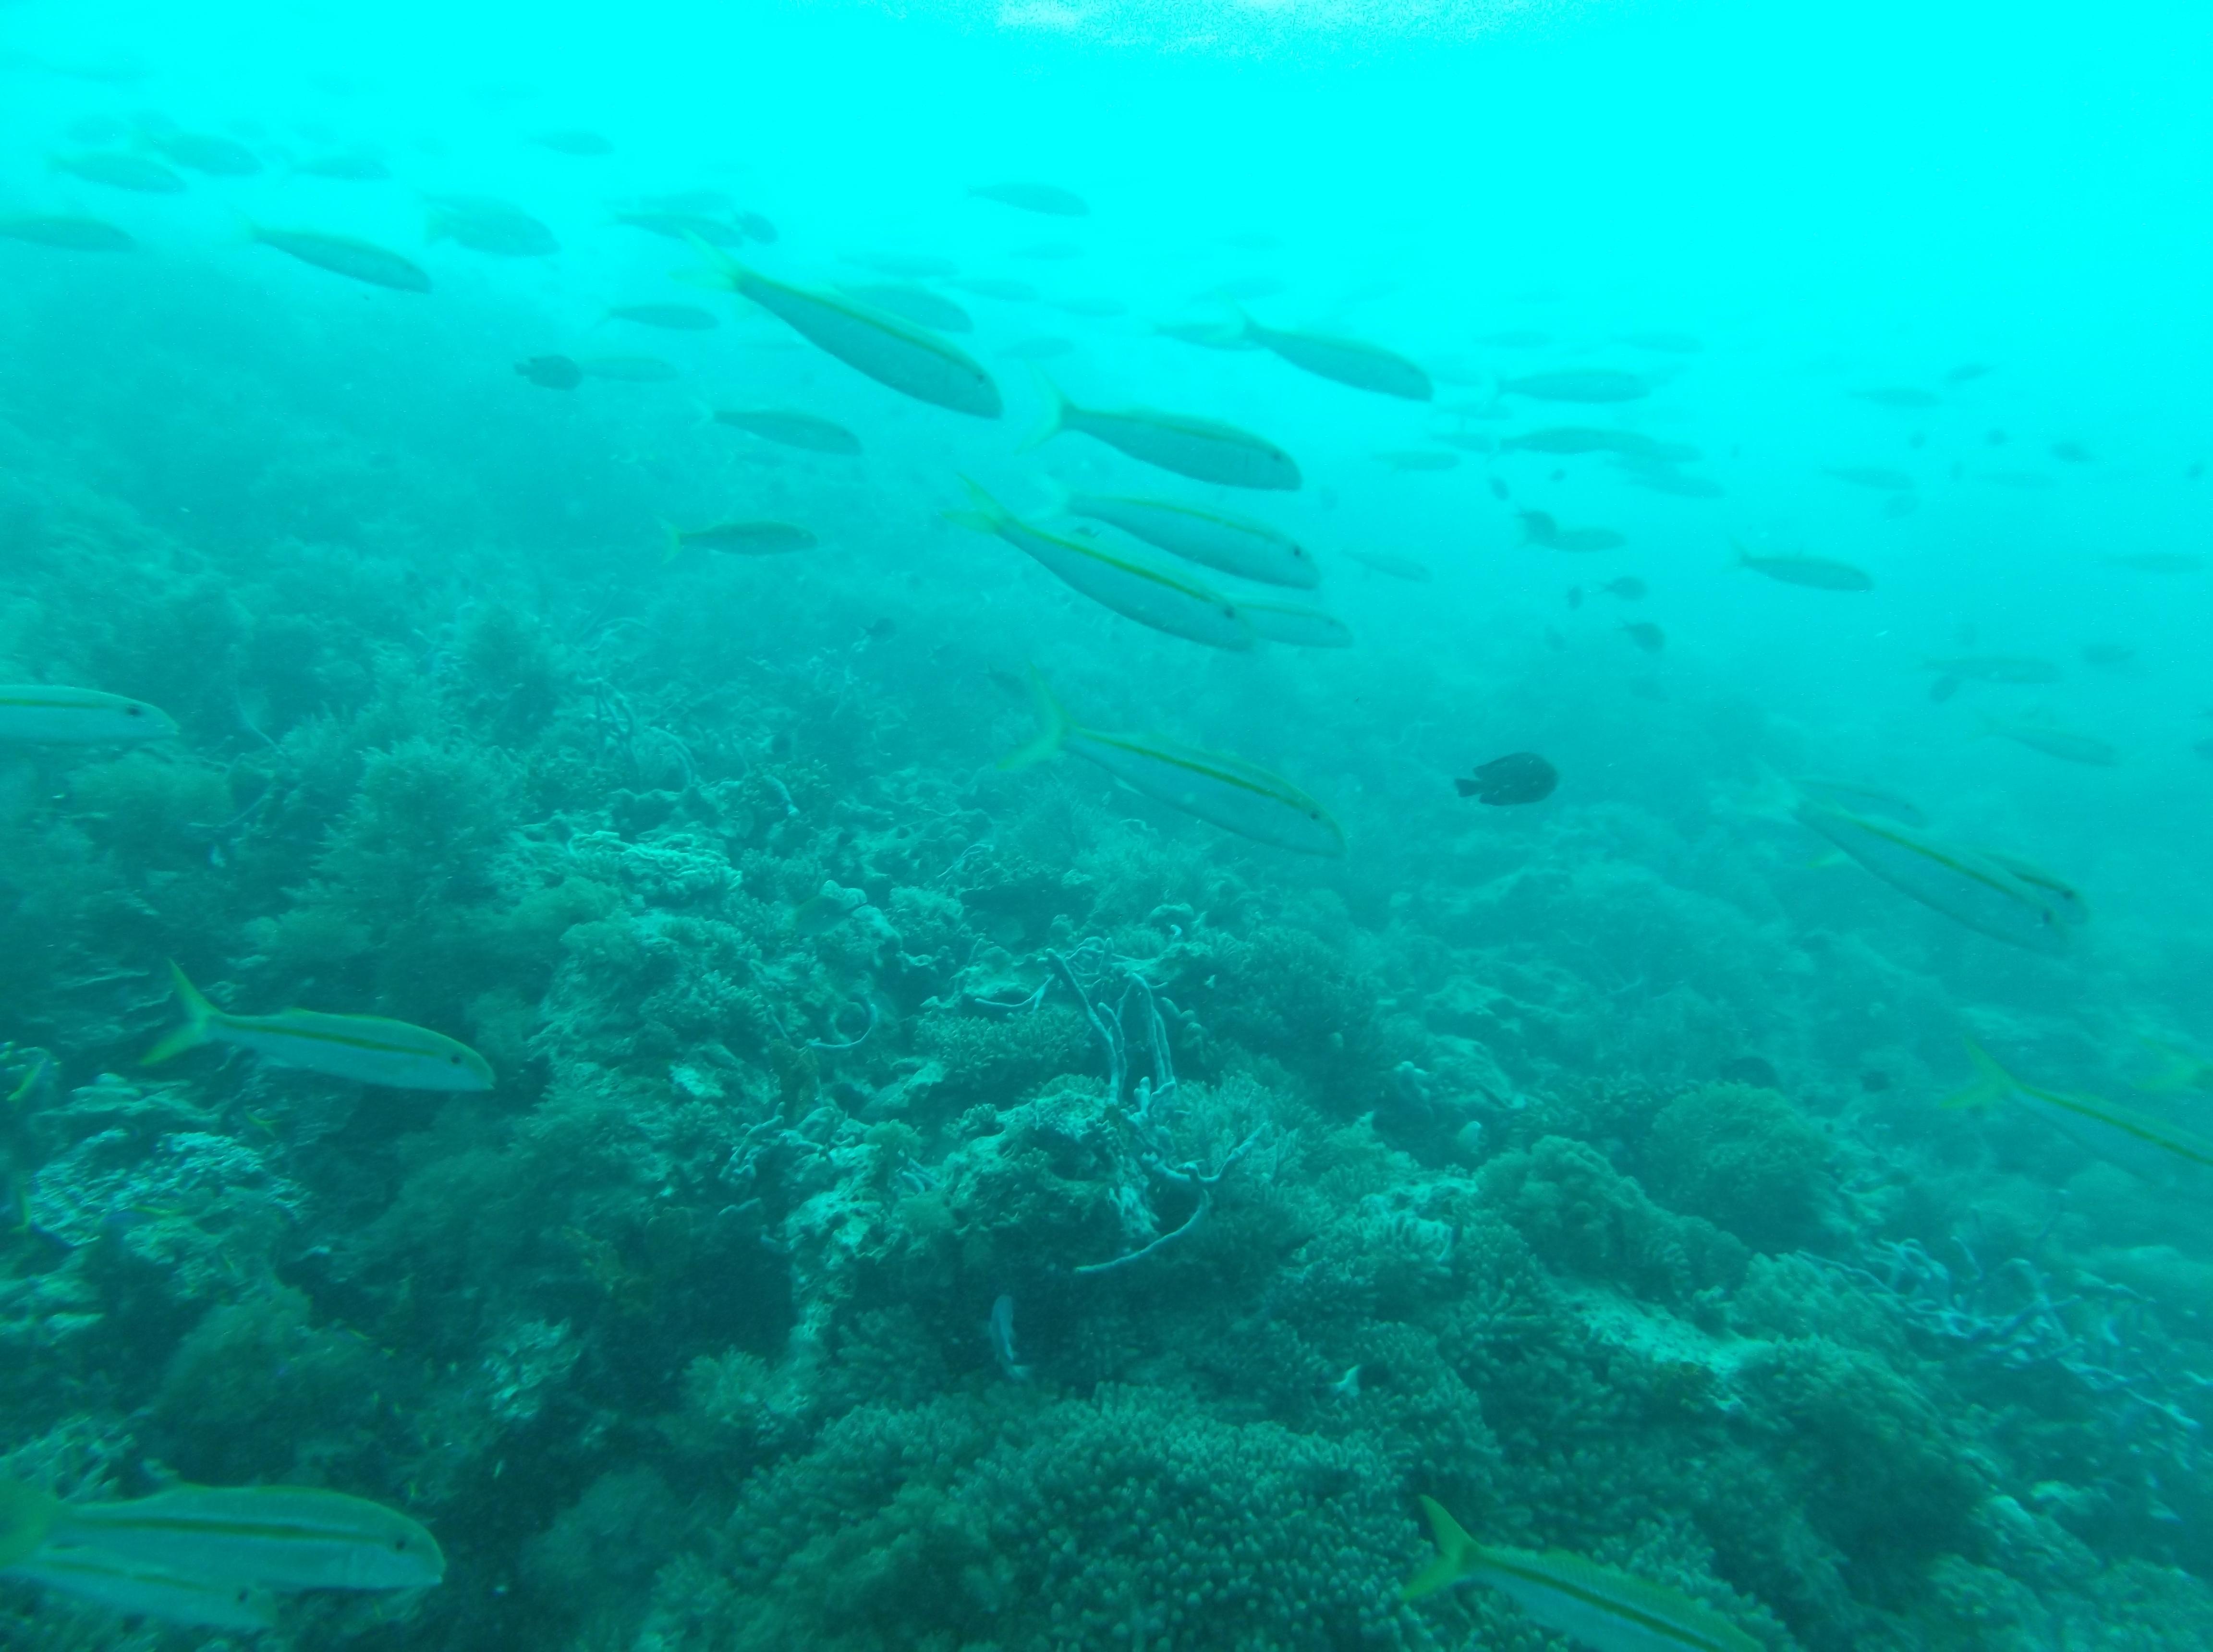 Attinopterigi - Actinopterygii